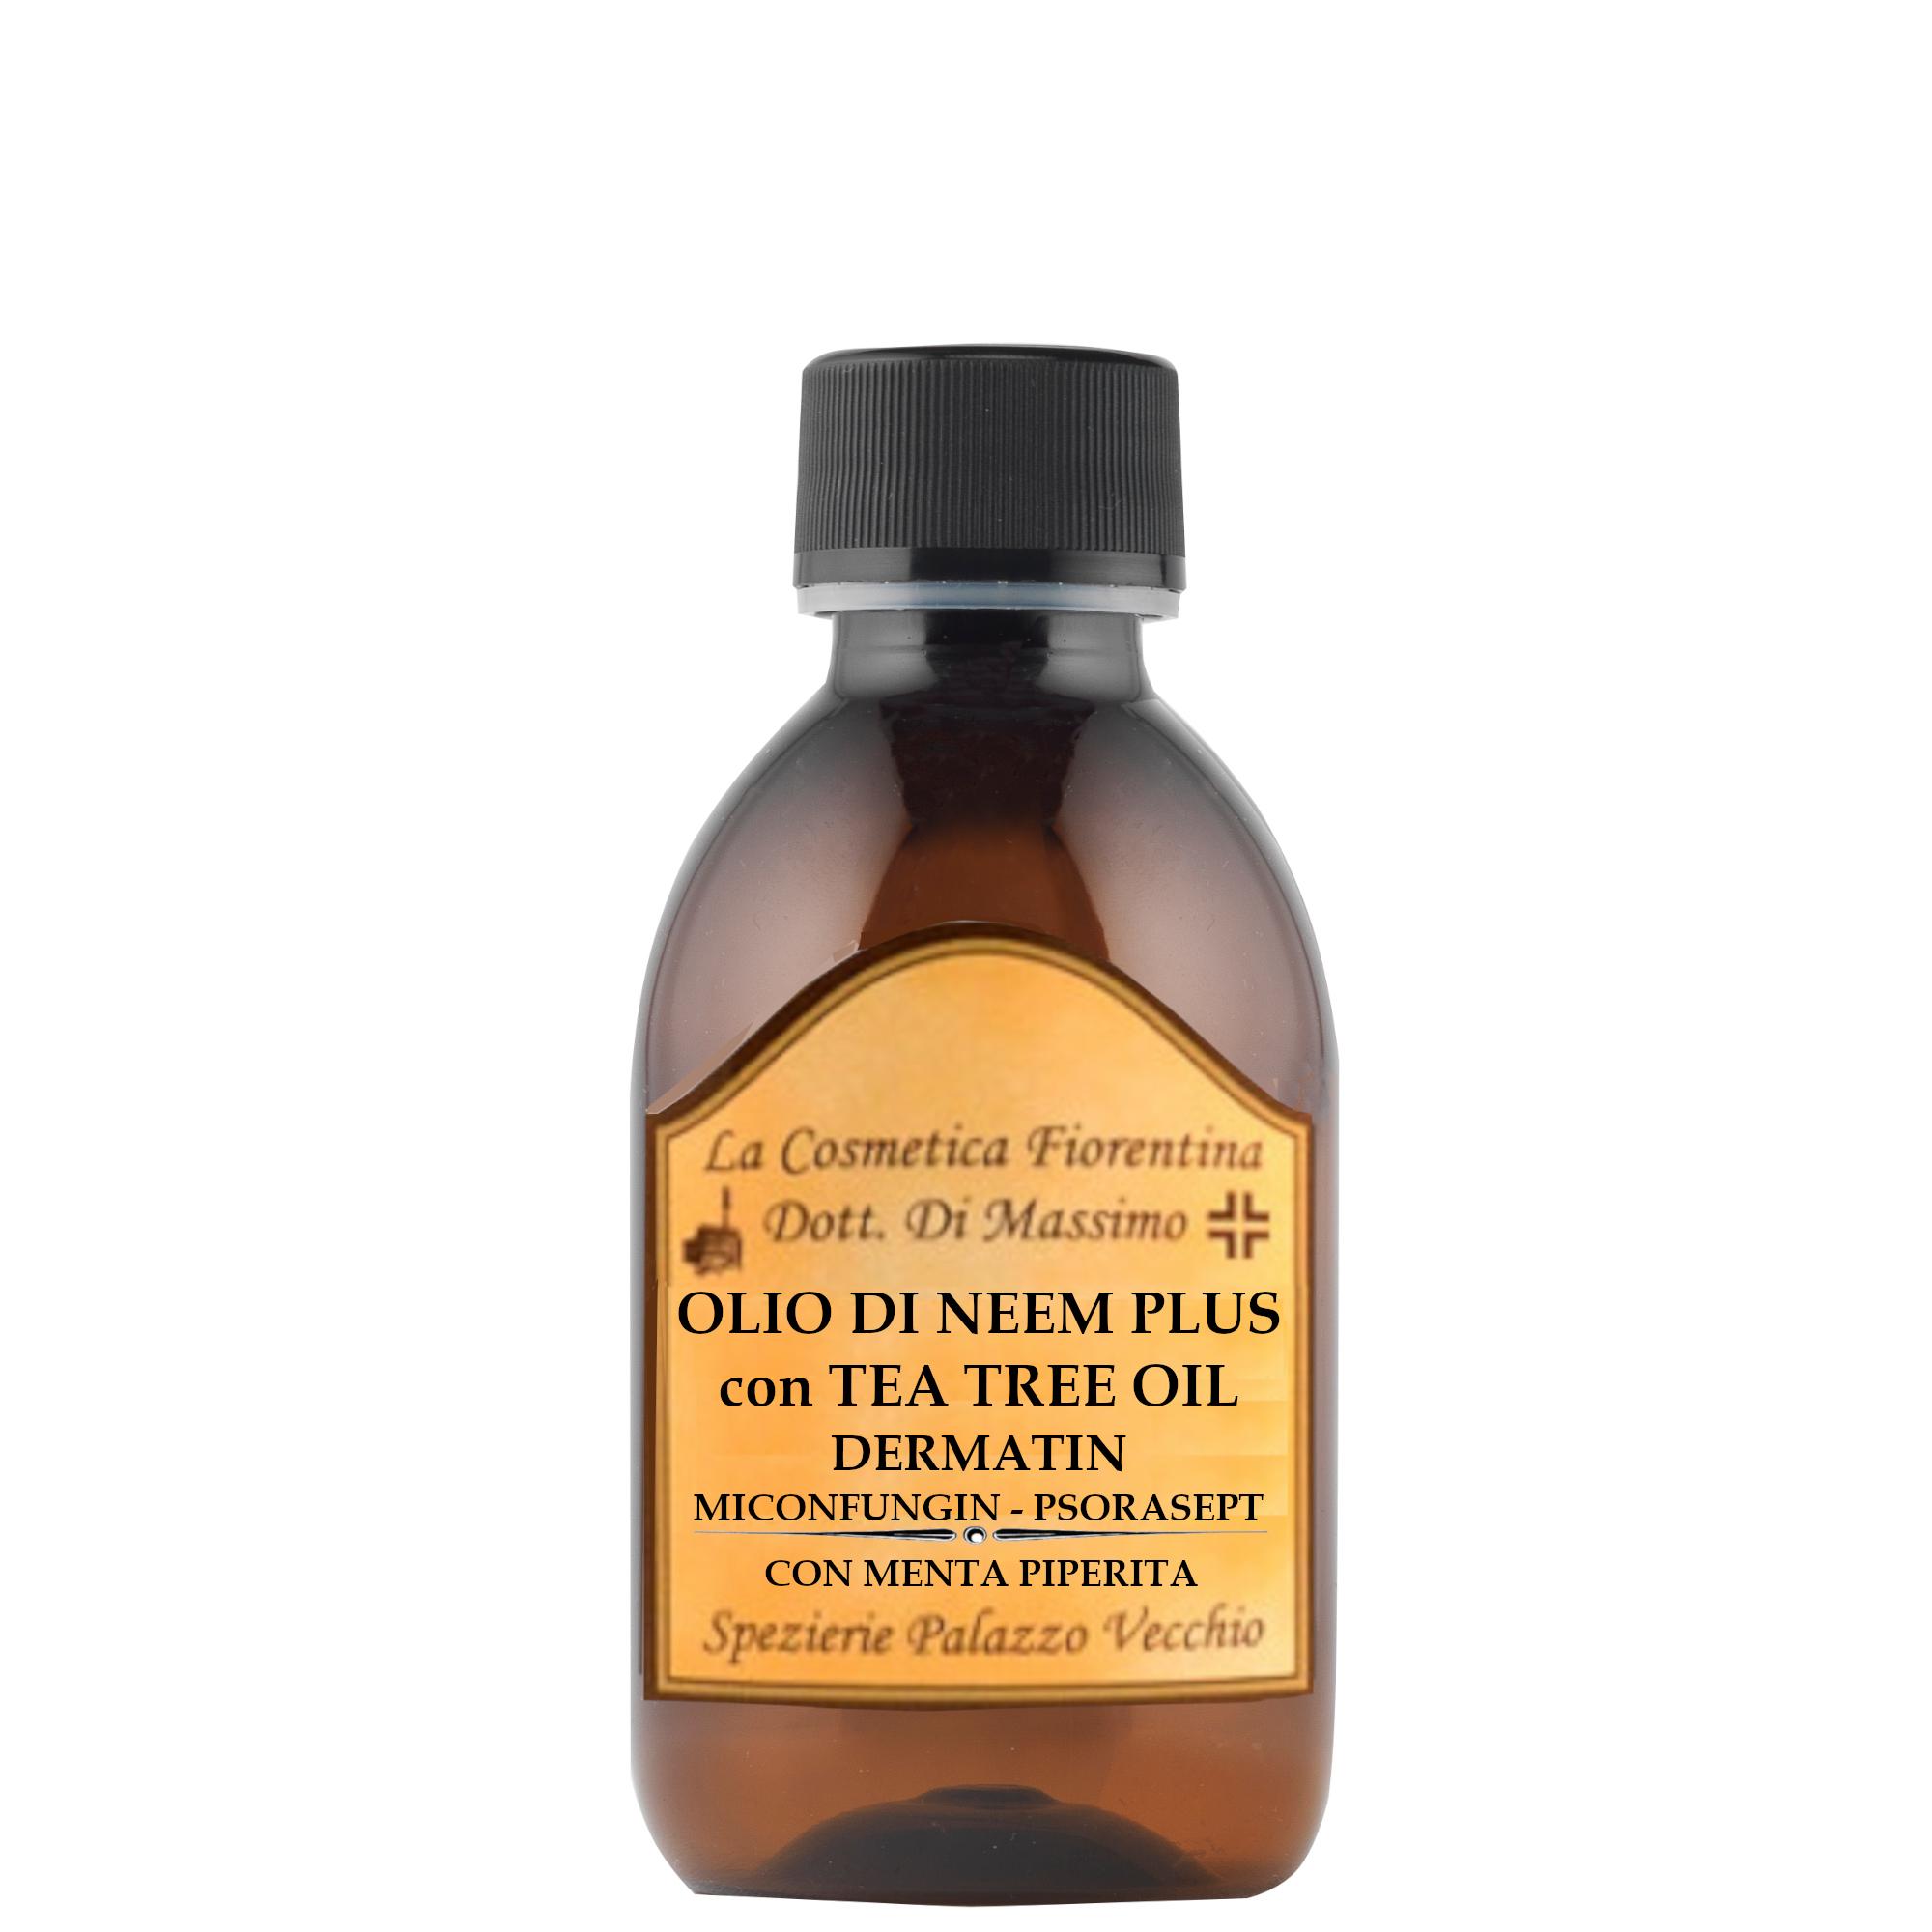 OLIO DI NEEM PLUS Tea tree oil-0